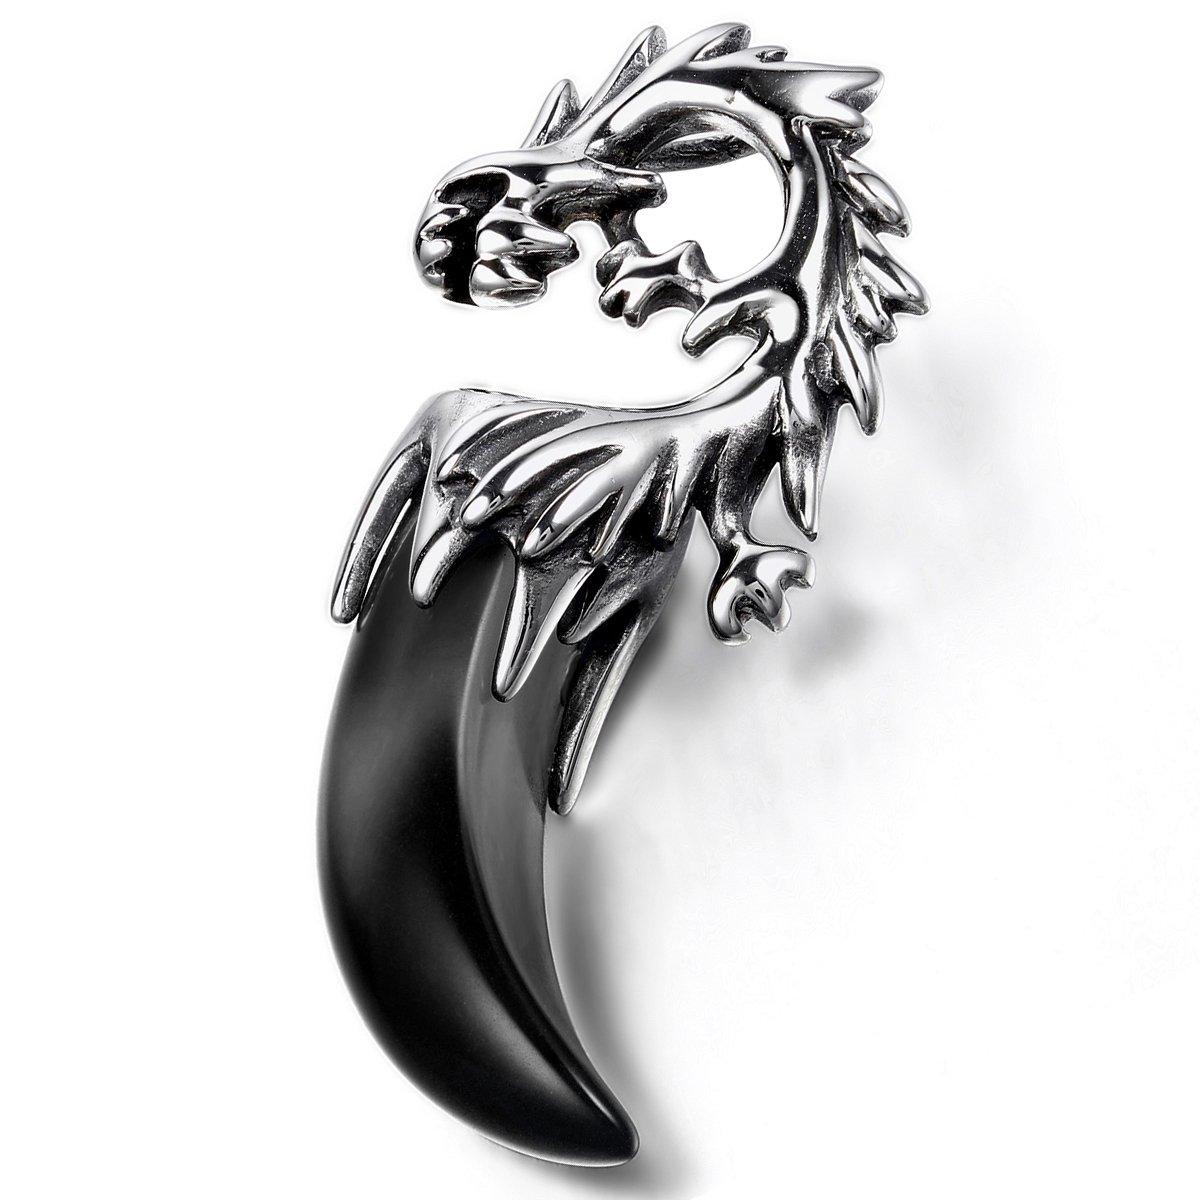 Oidea Herren Halskette mit Anhänger, Edelstahl Drachen Wolf Gebiss Zahn Tribal Stammes Anhänger mit Kette Halsband, Silber Schwarz Oidea1121